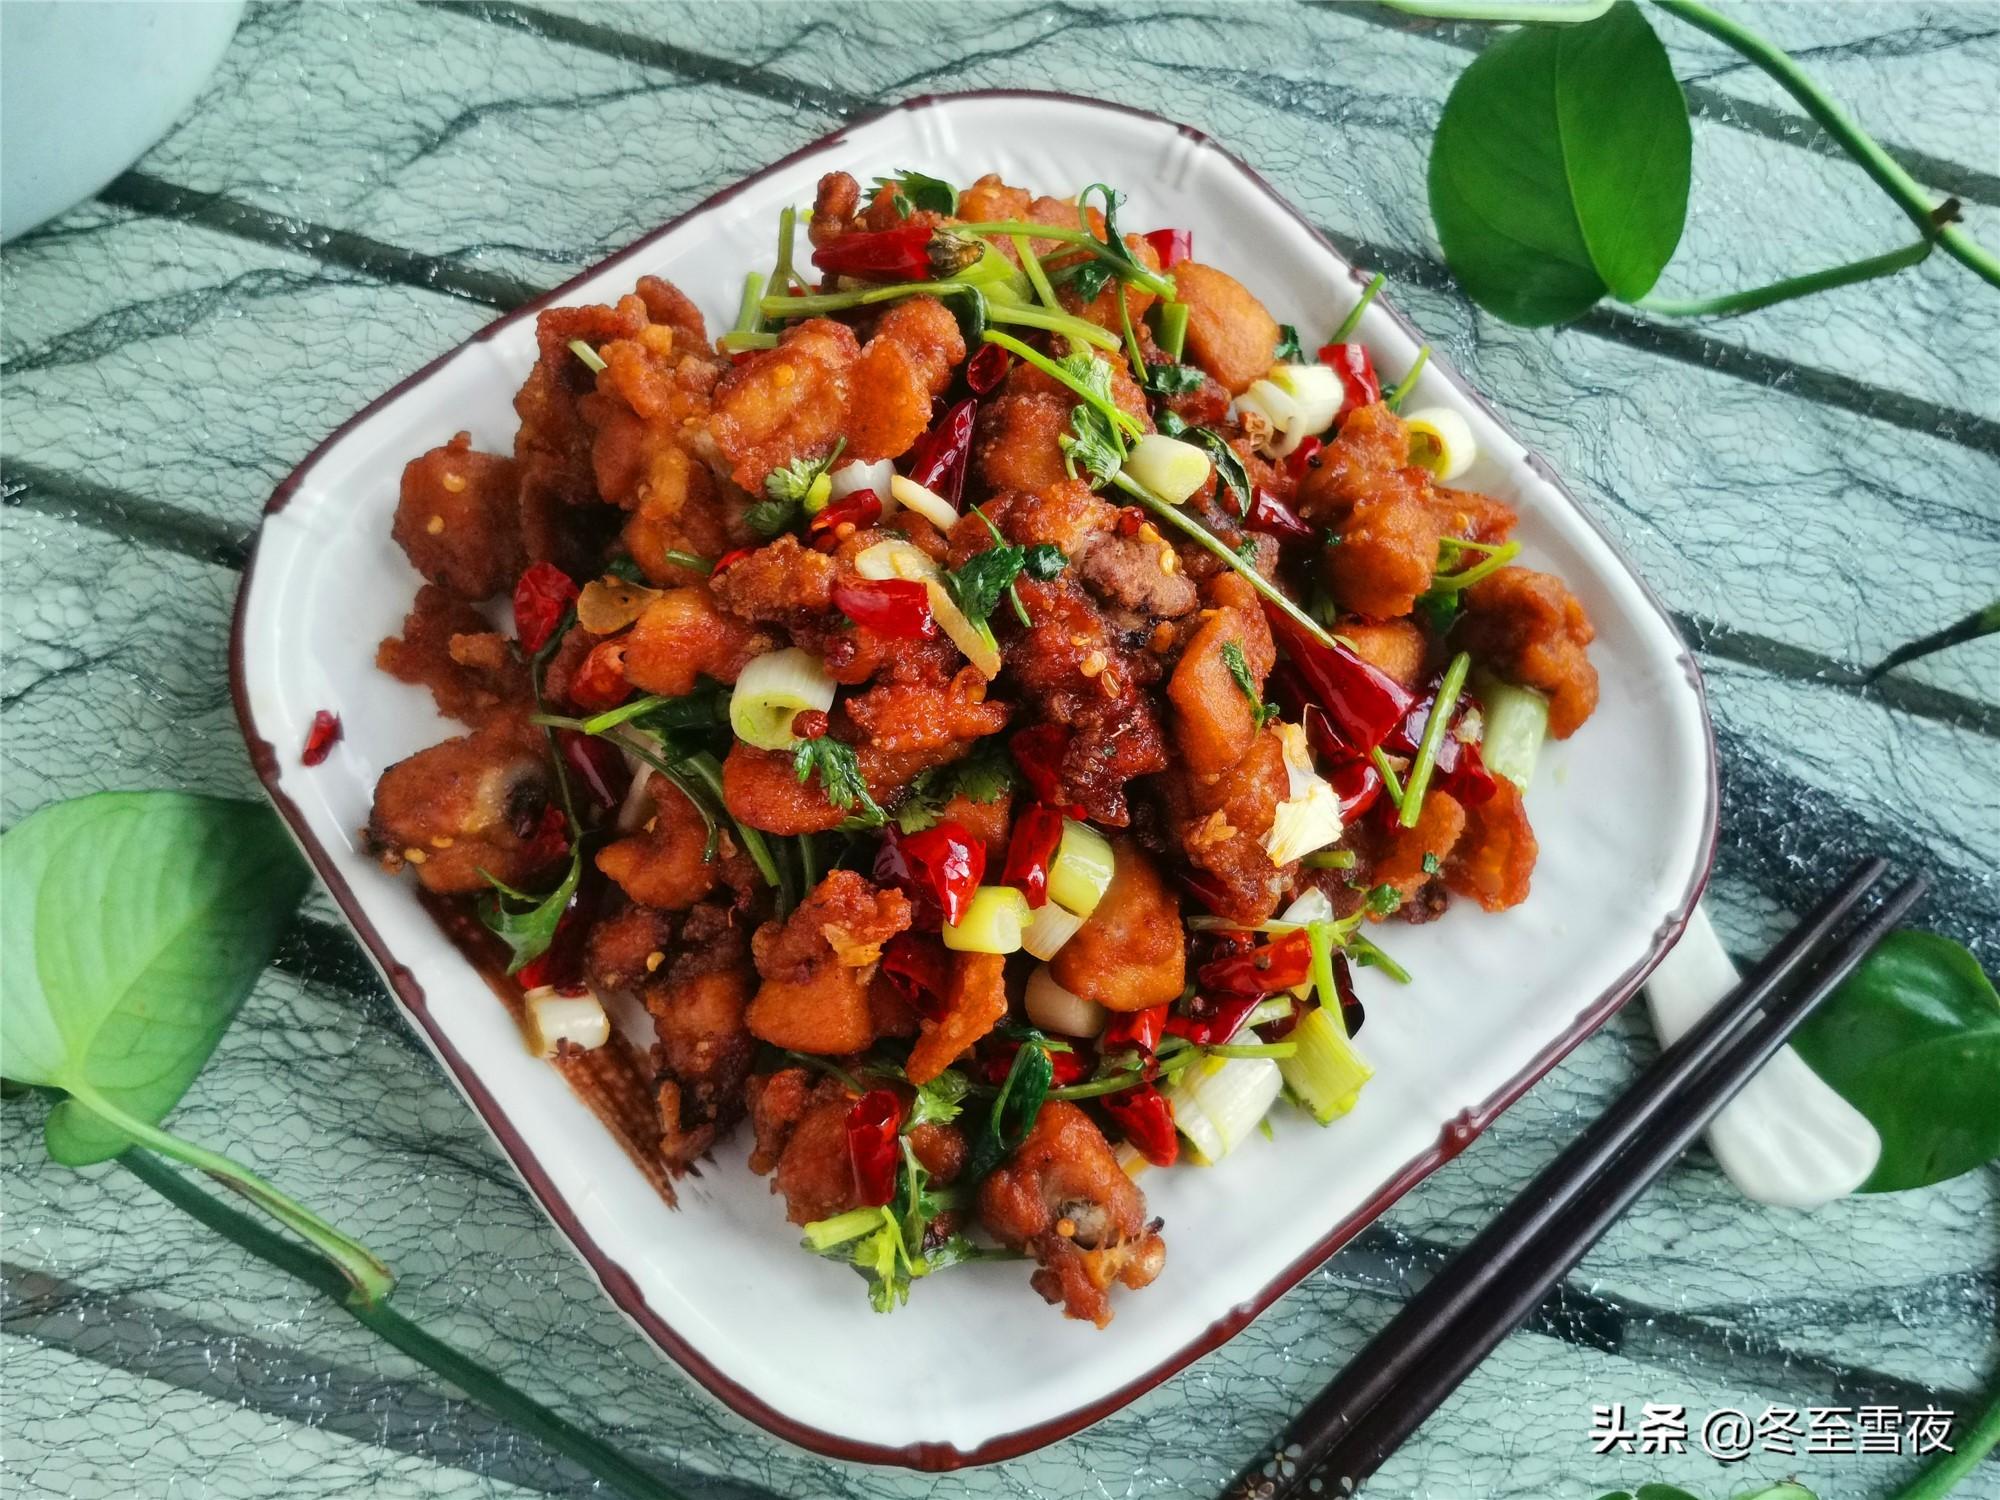 劳动节家宴,做菜不用愁,分享10道家常炒菜,有荤有素下酒又下饭 美食做法 第2张